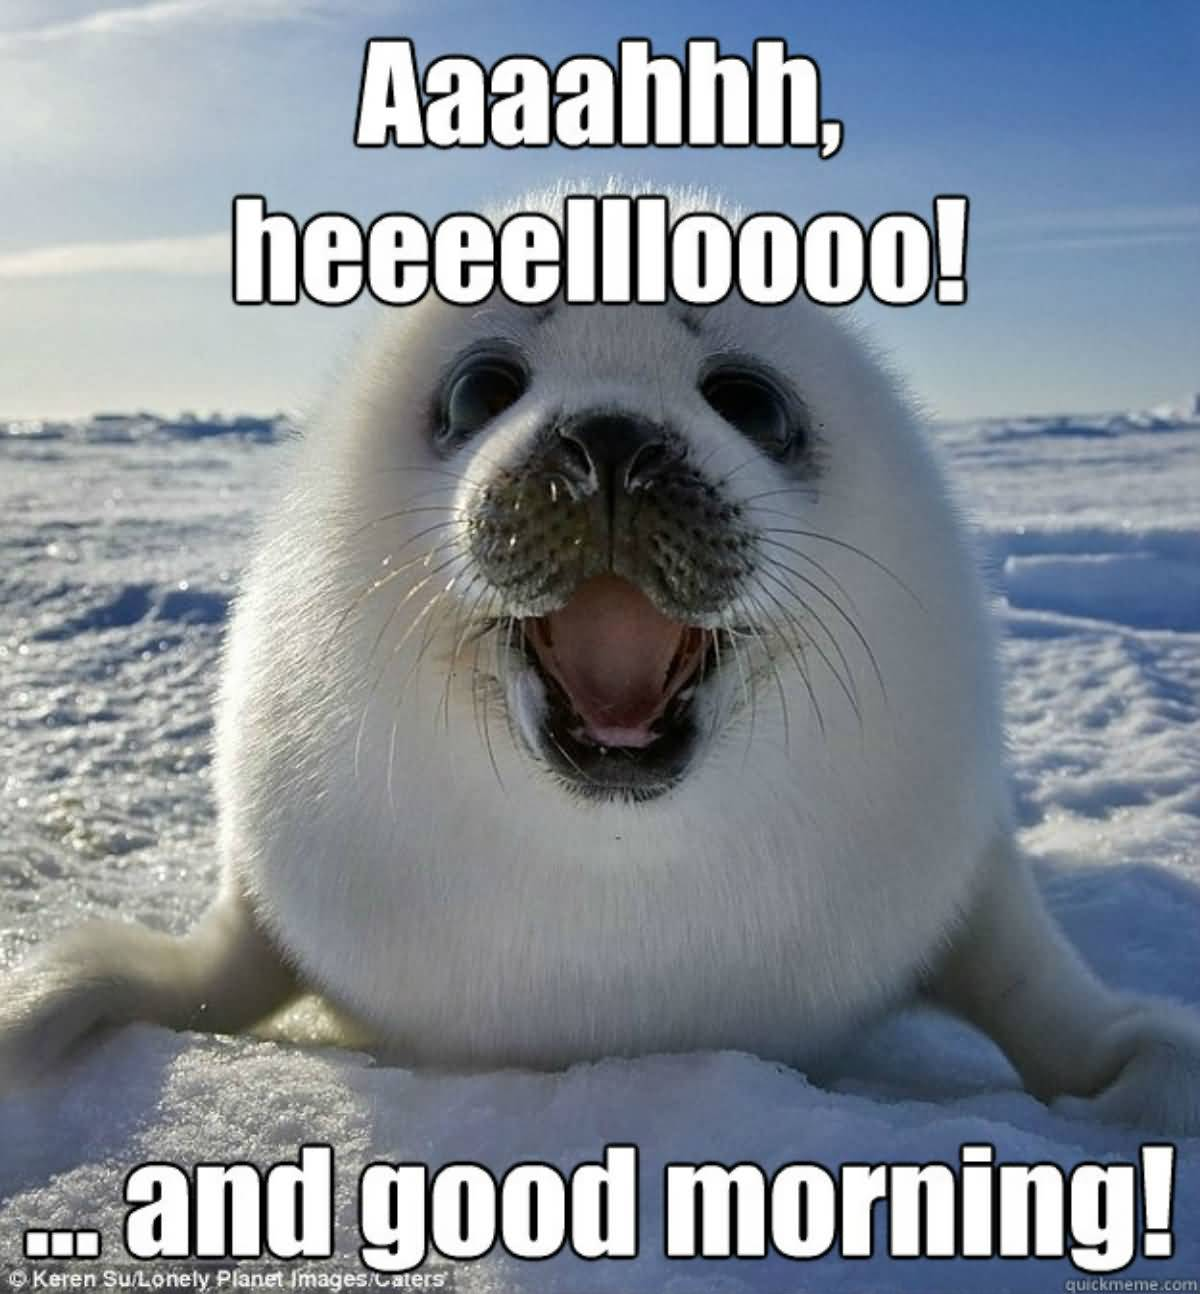 Aaaahh Heeeelloooo! And Good Morning! Good Day Meme